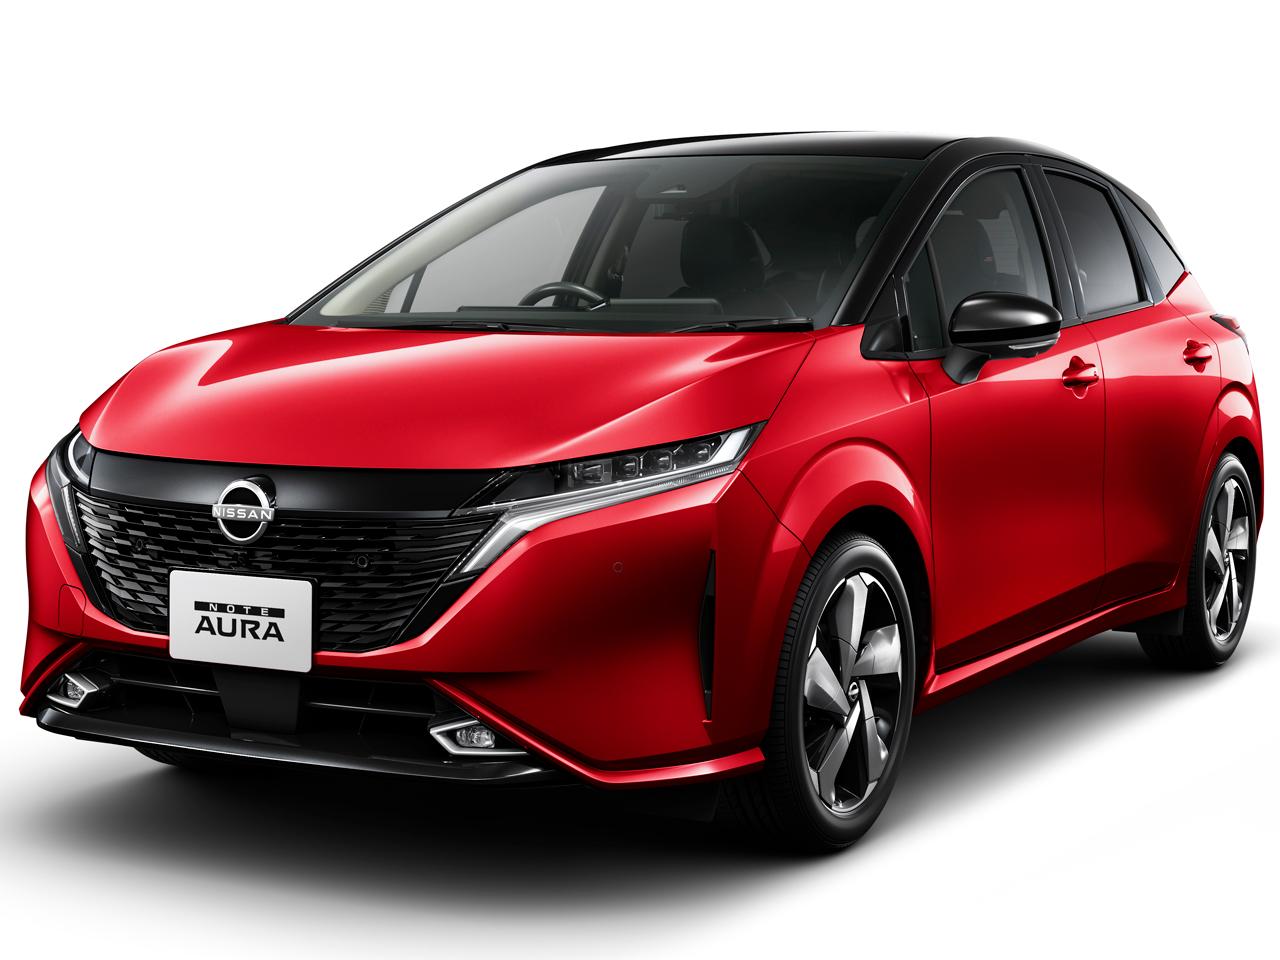 日産 オーラ 2021年モデル 新車画像